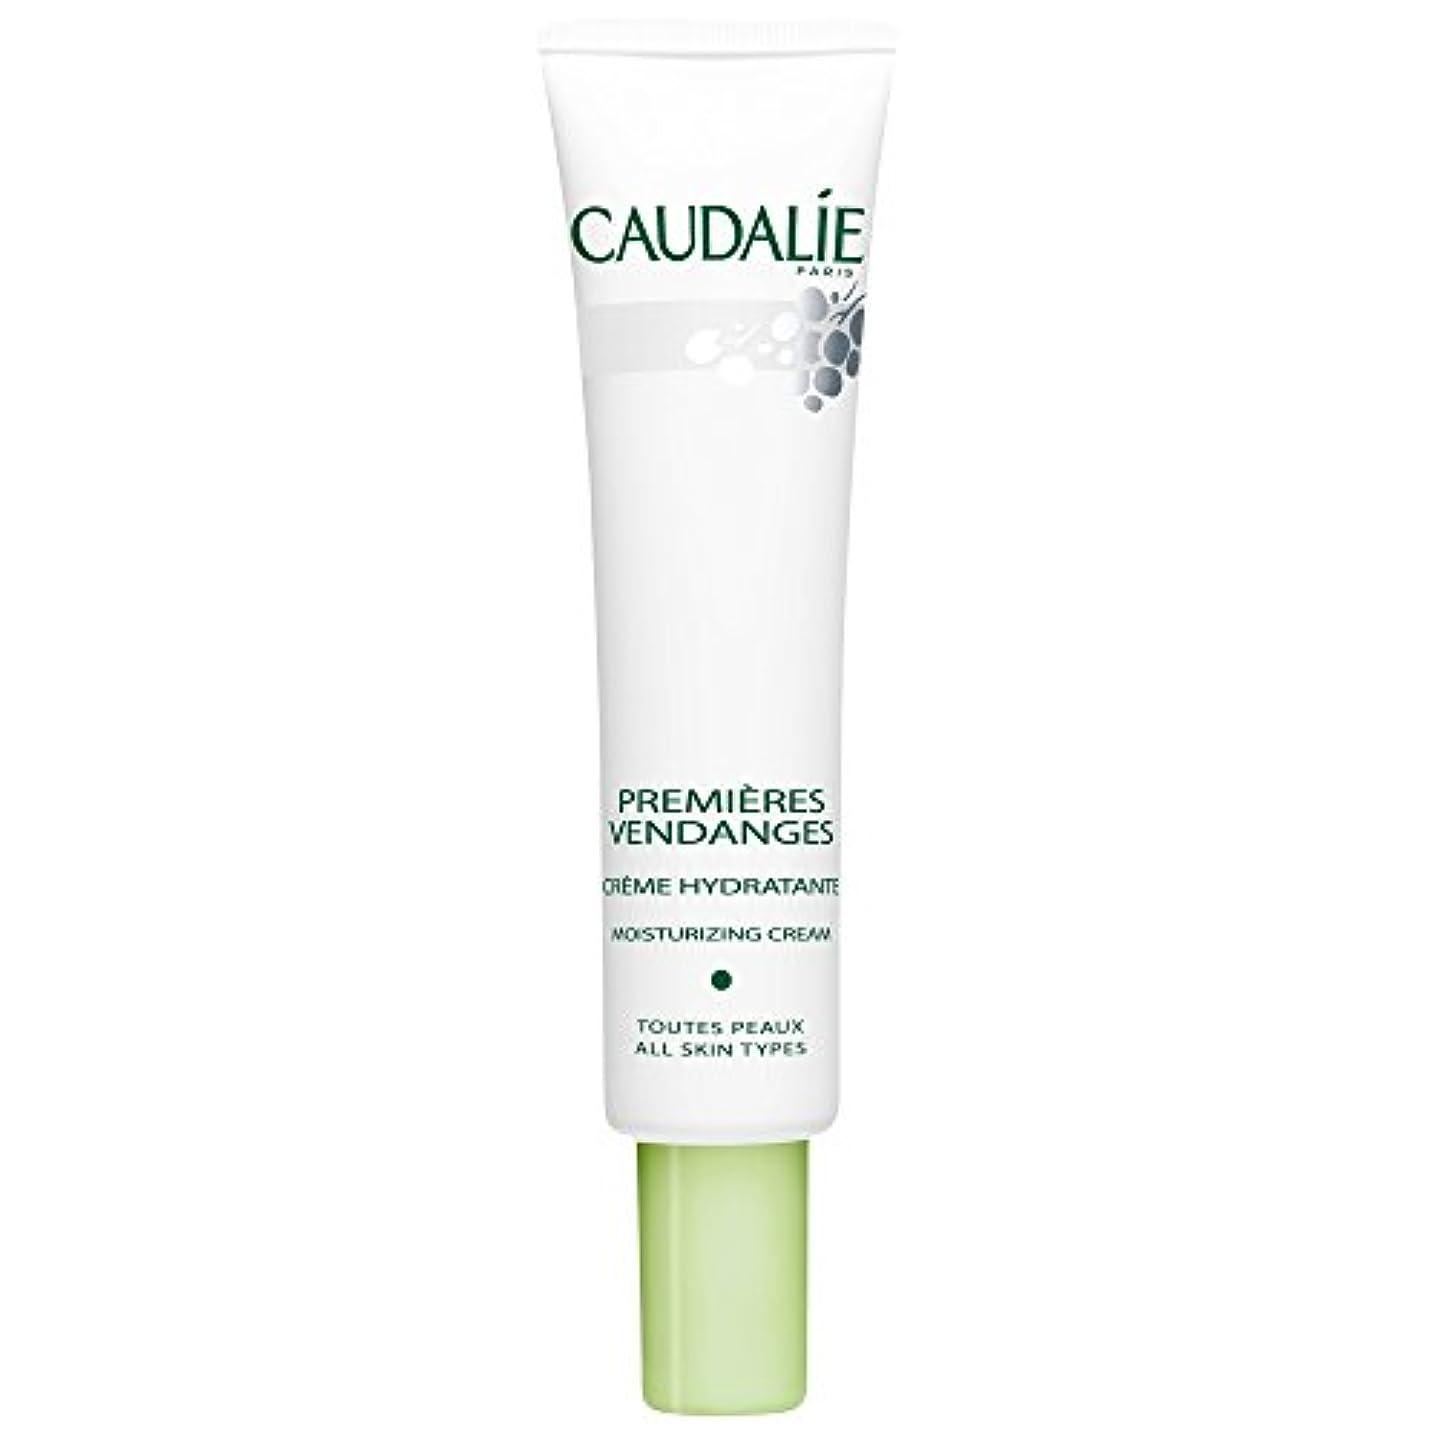 ヤングプロポーショナル舗装コーダリーはVendages保湿クリーム、40ミリリットルを初演します (Caudalie) (x2) - Caudalie Premieres Vendages Moisturising Cream, 40ml (Pack...